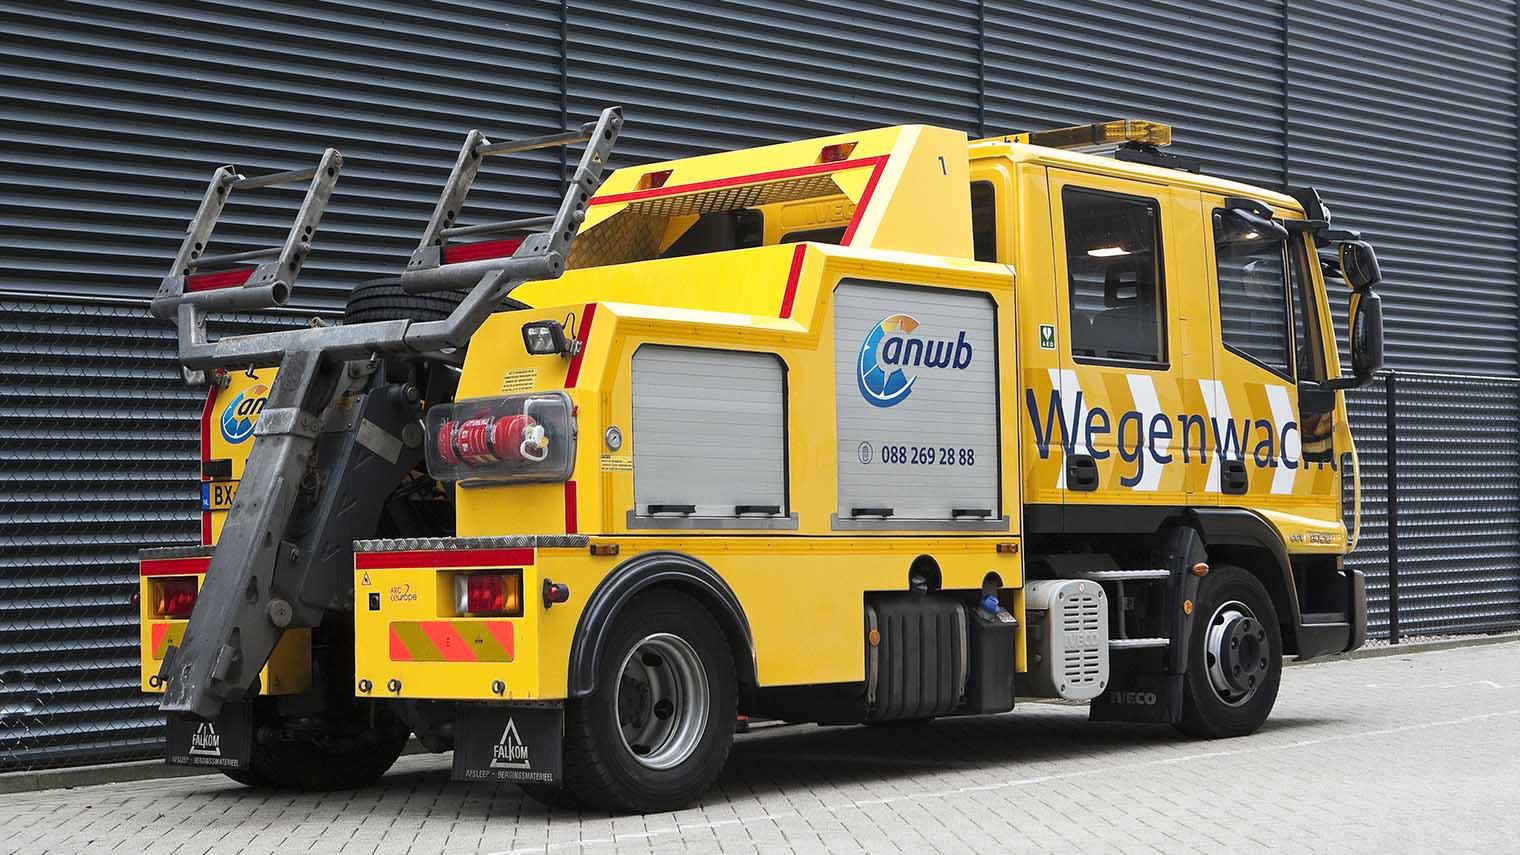 Wegenwacht lepelwagen